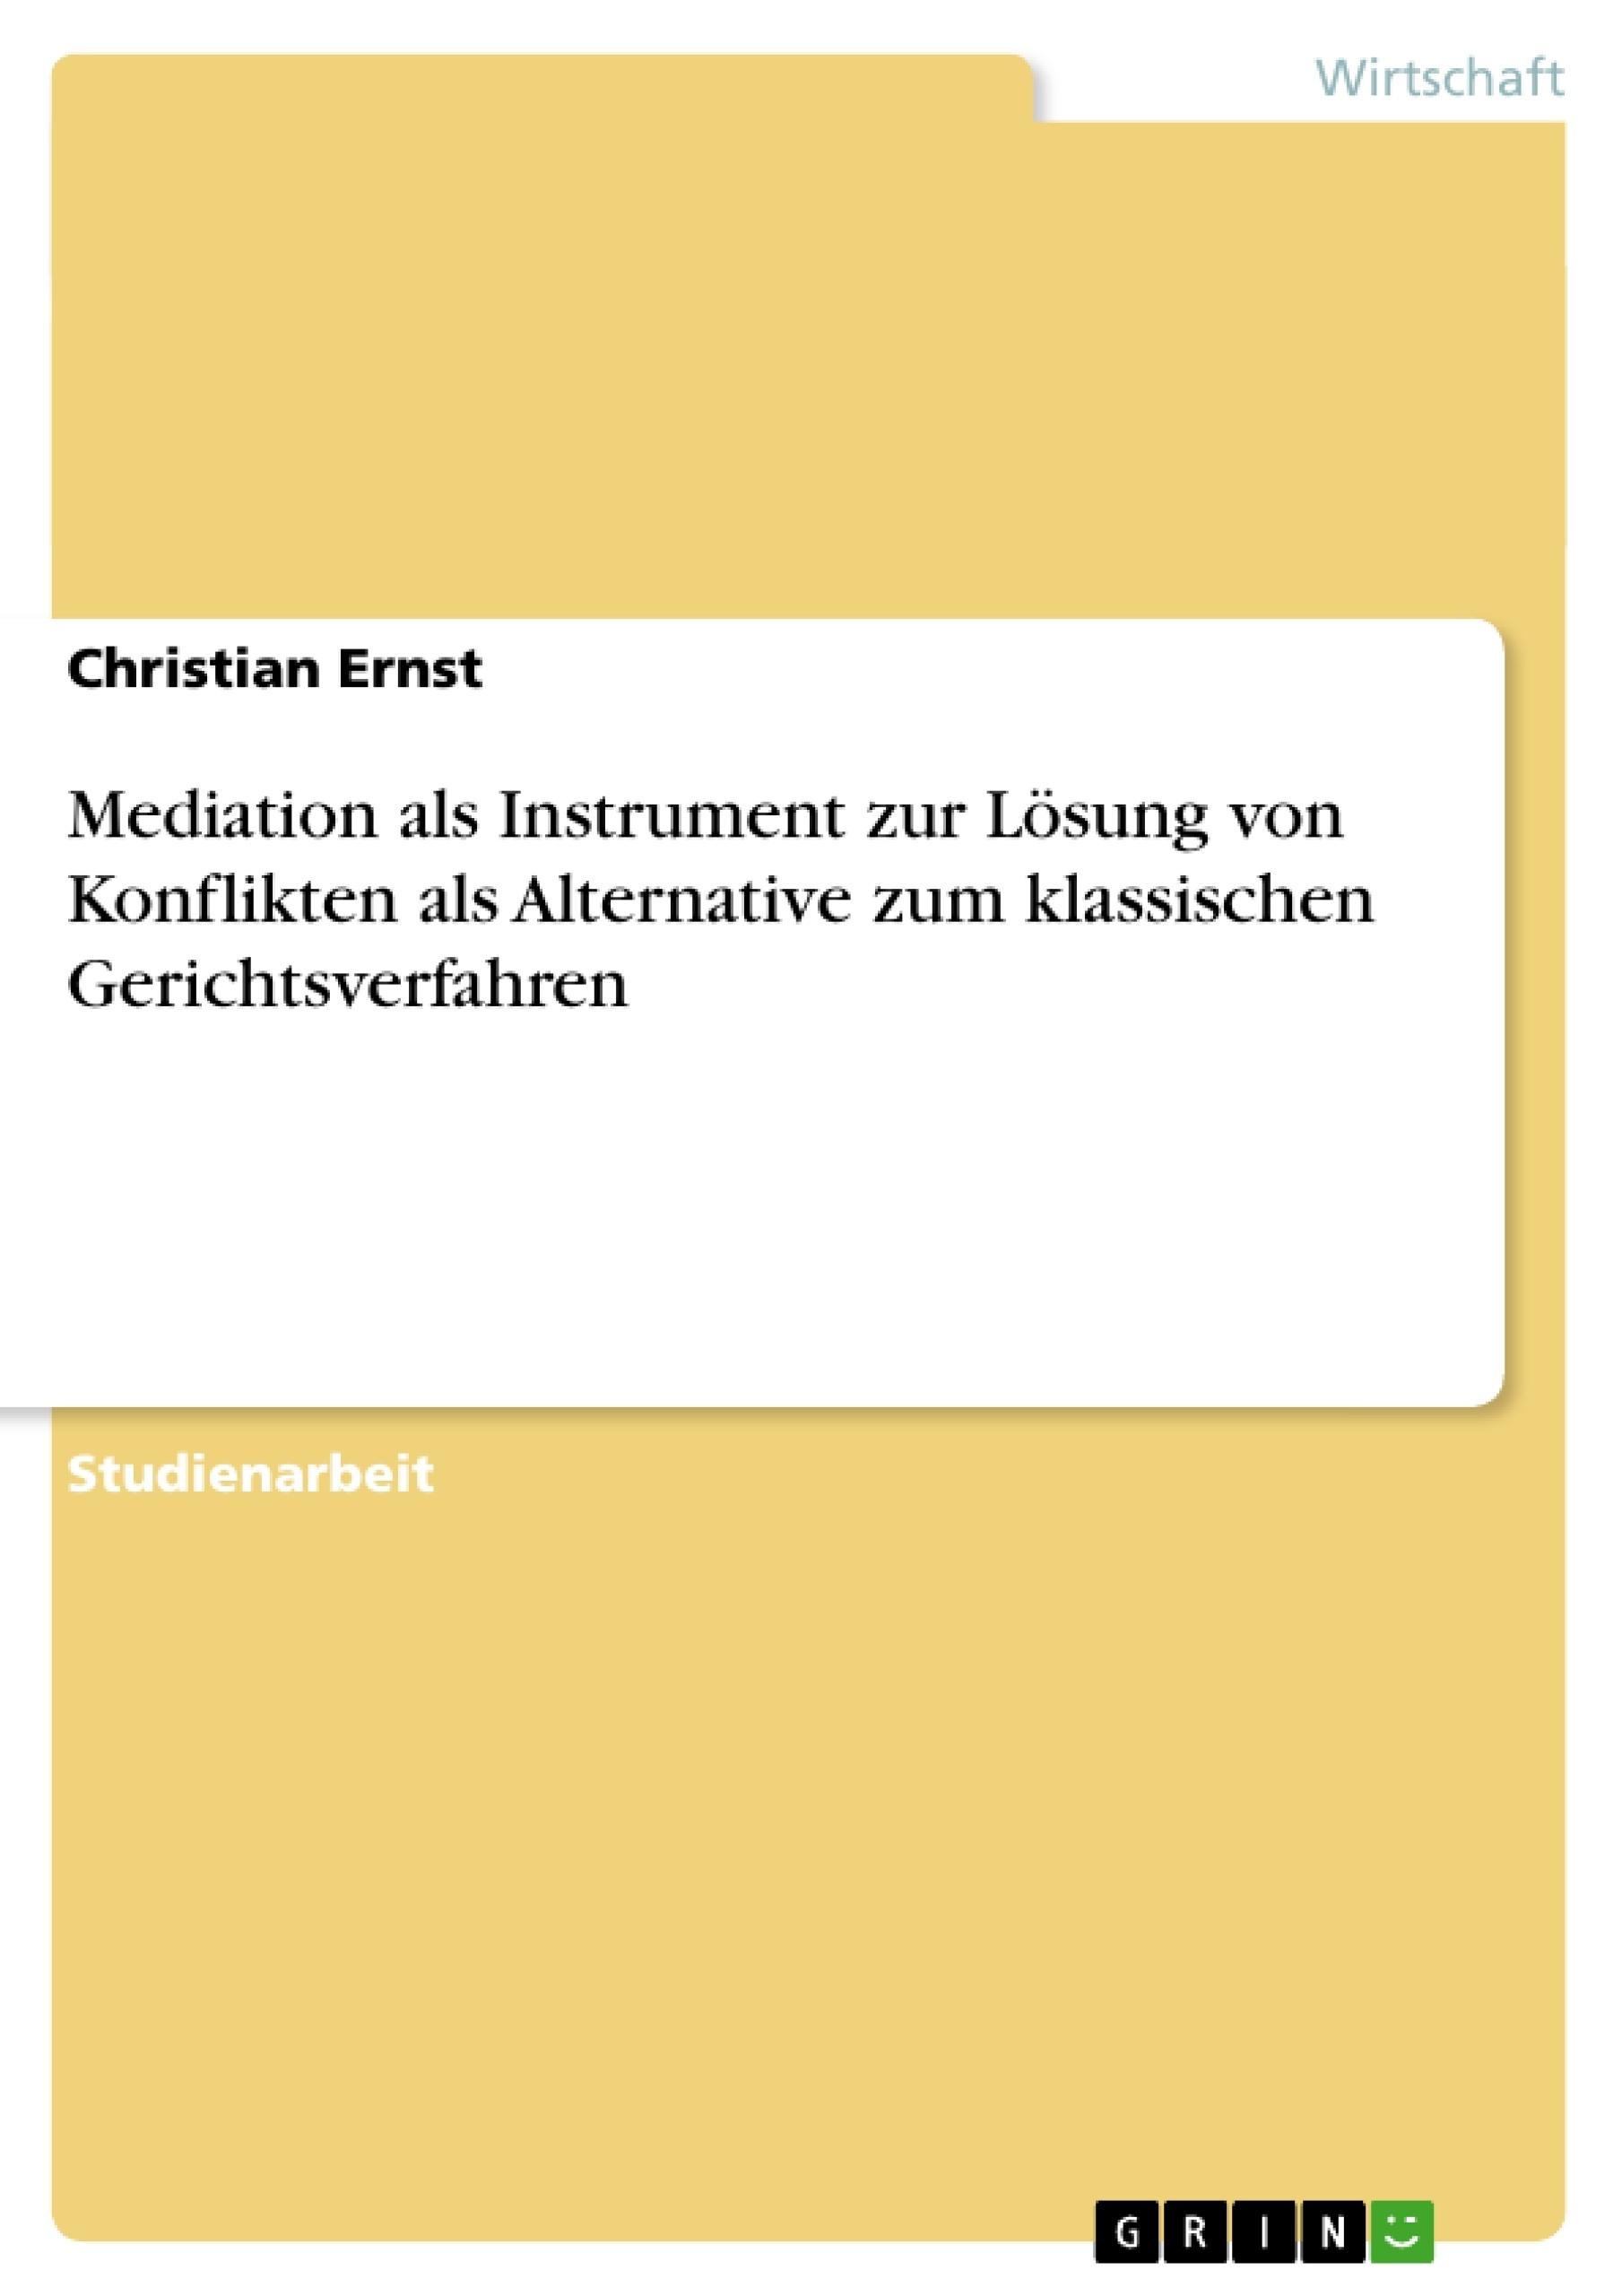 Titel: Mediation als Instrument zur Lösung von Konflikten als Alternative zum klassischen Gerichtsverfahren